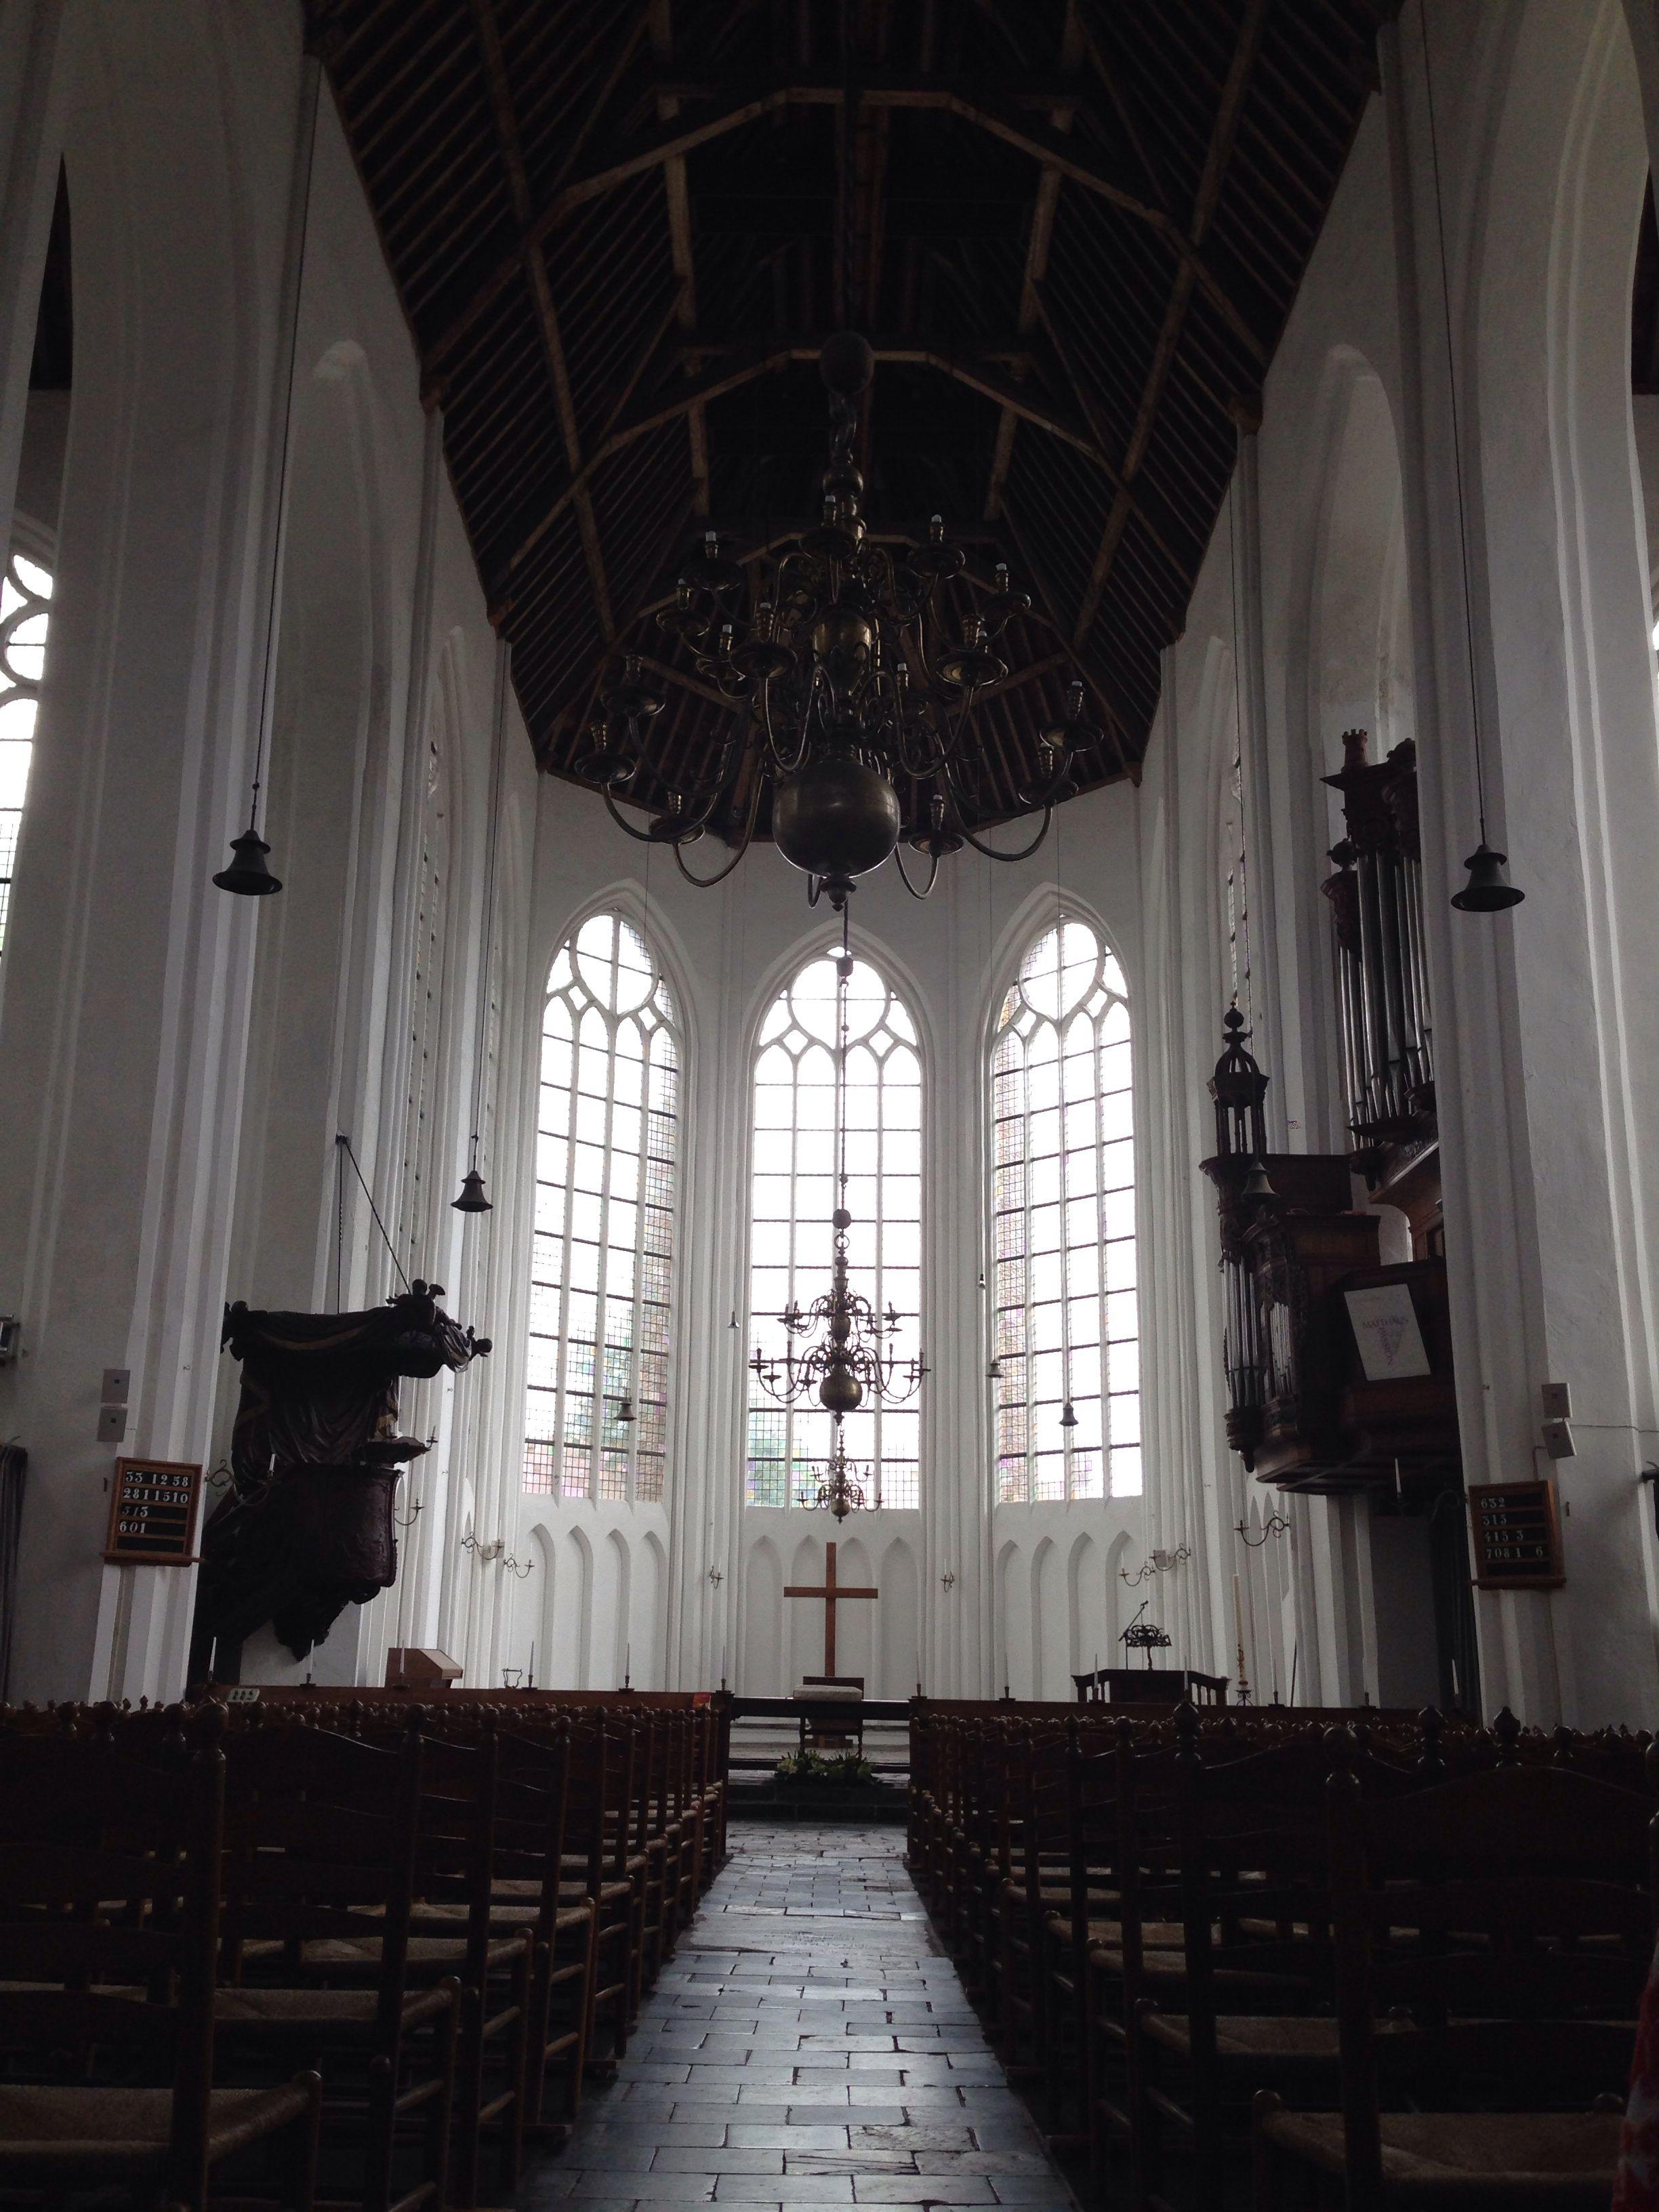 Aardenburg NL - old church